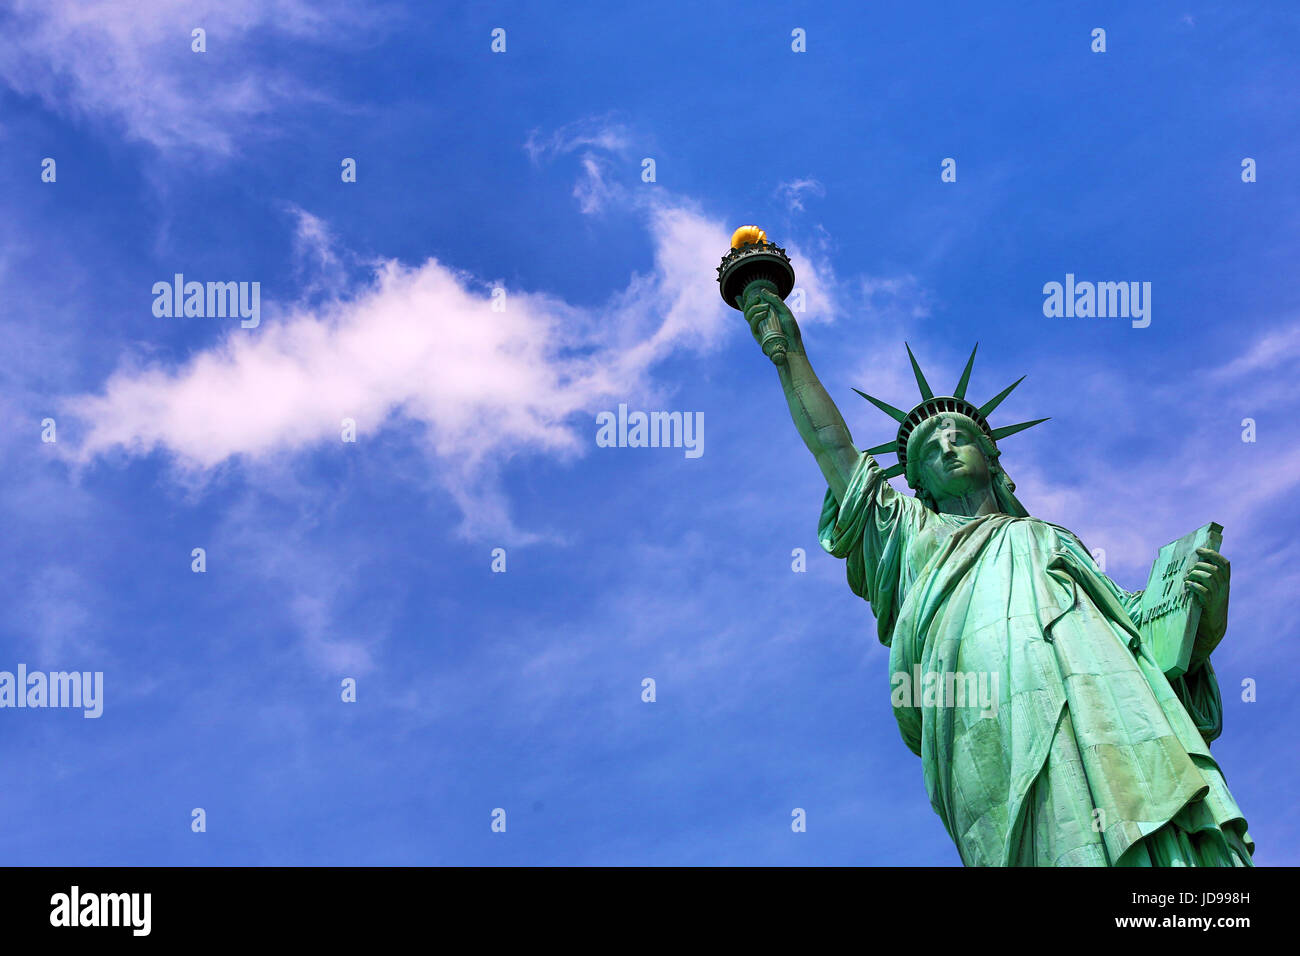 La Estatua de la libertad, de la ciudad de Nueva York, Nueva York, EE.UU. Foto de stock